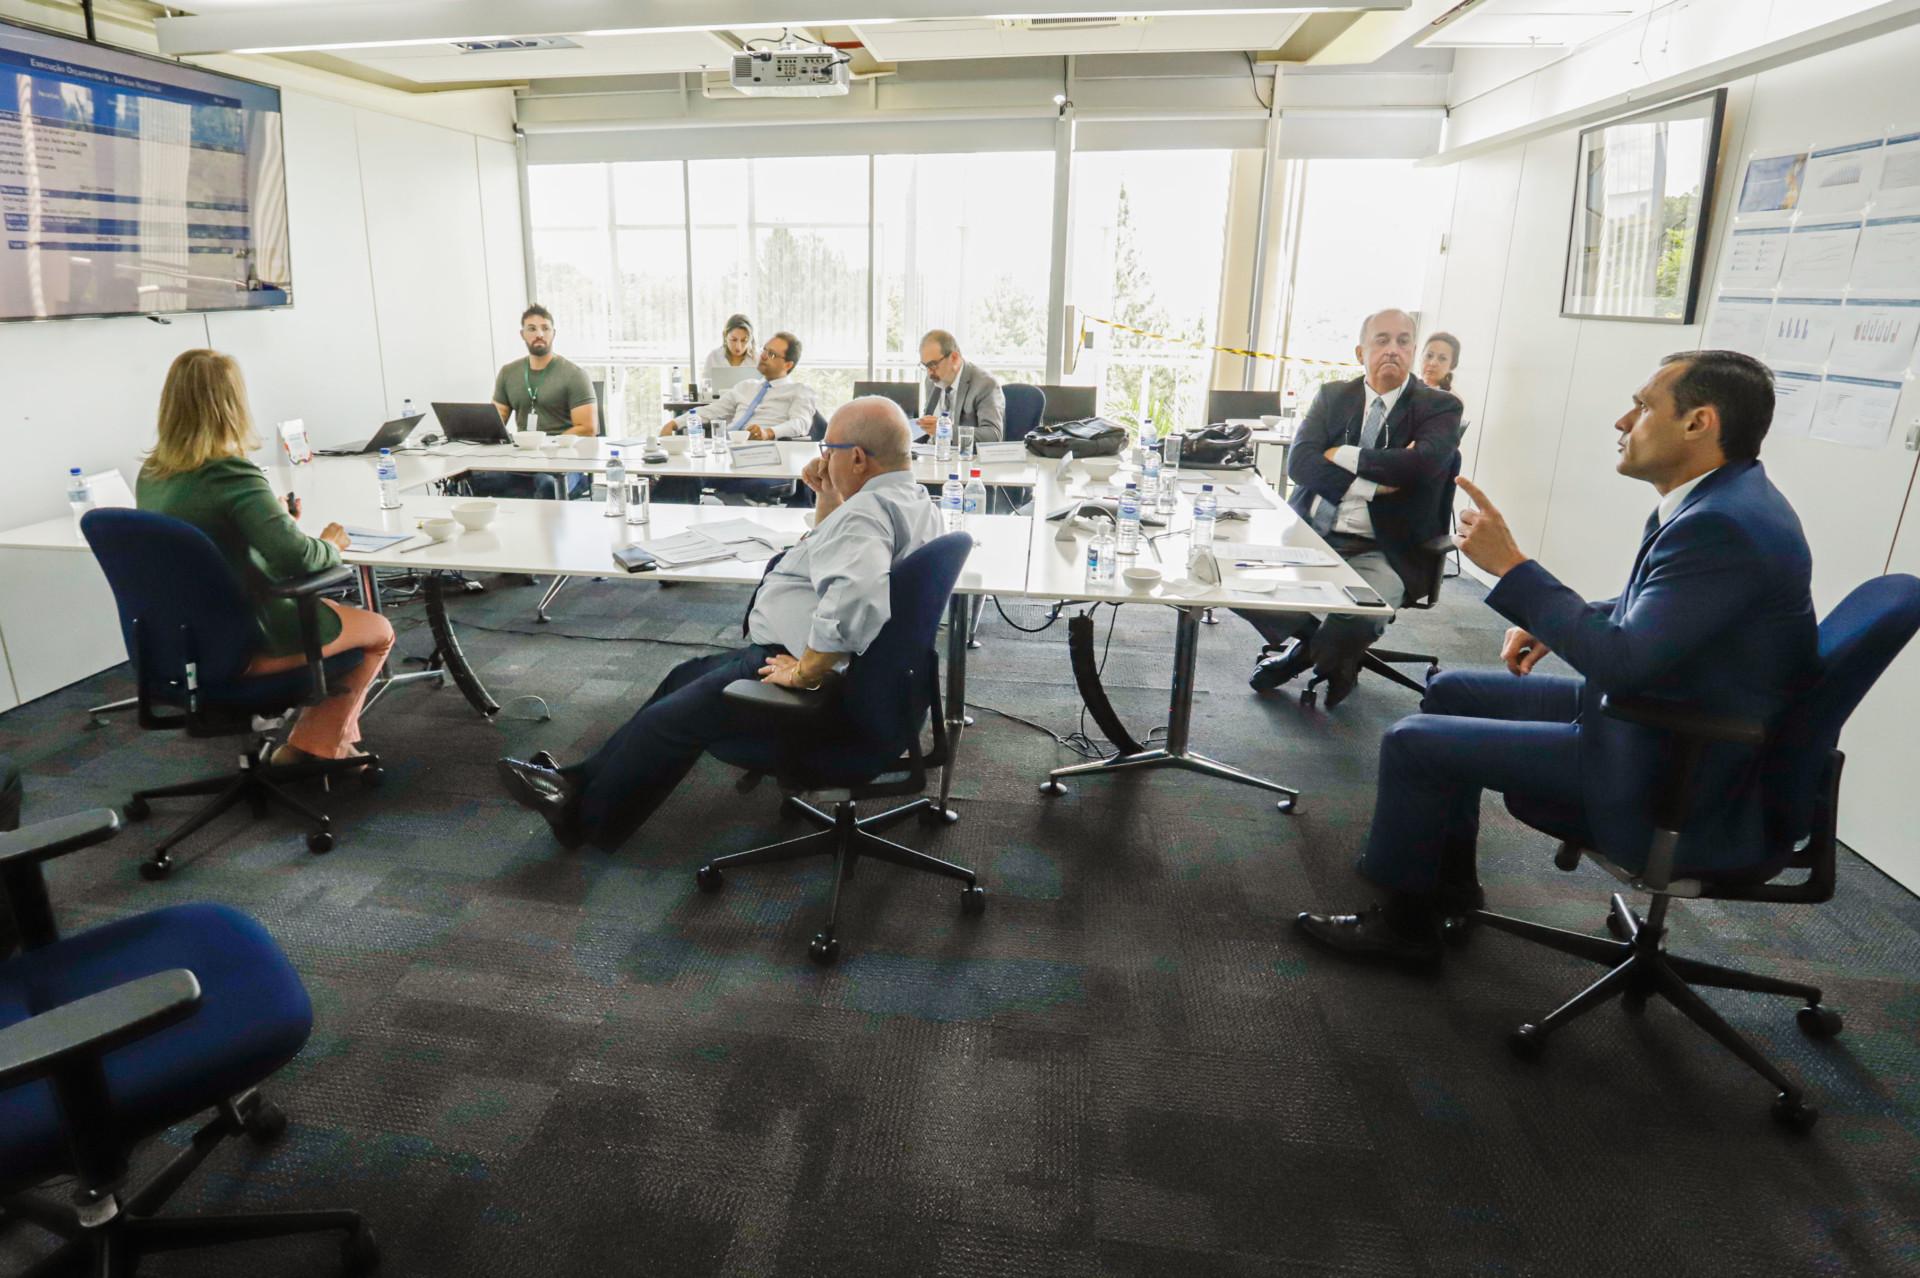 Conselho Fiscal do Sebrae aprova, sem ressalvas e por unanimidade, as contas do sistema Sebrae referentes ao ano de 2019